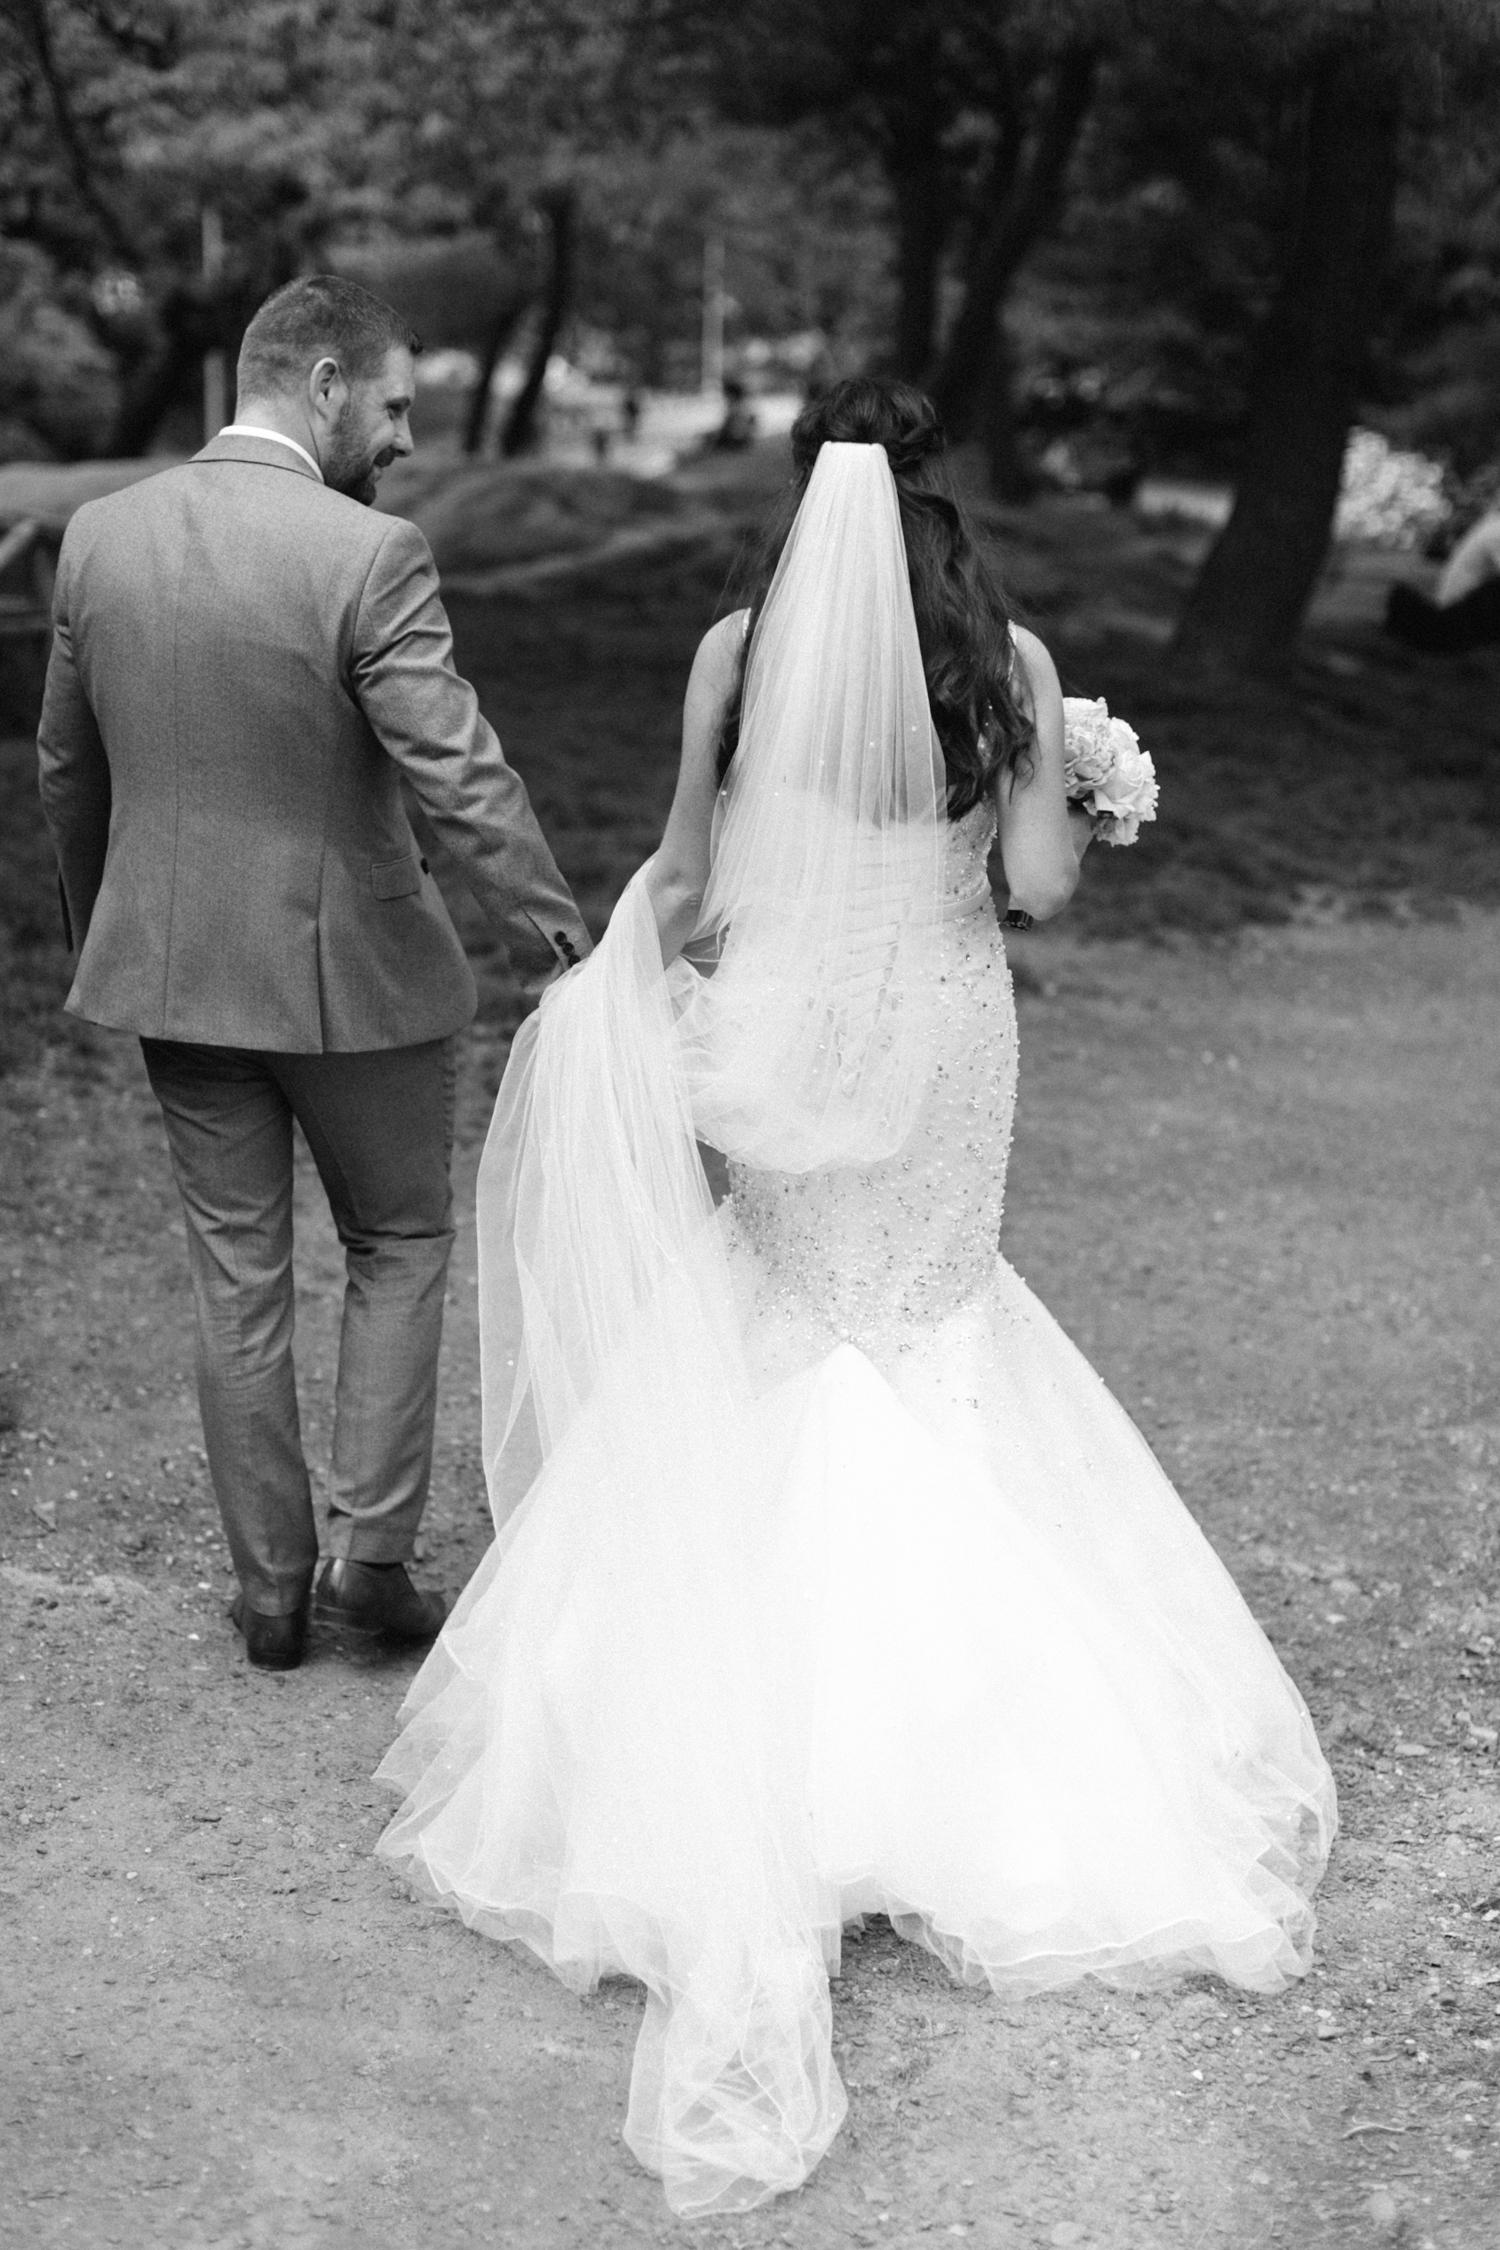 Central-park-cop-cot-wedding-A&M-138.jpg